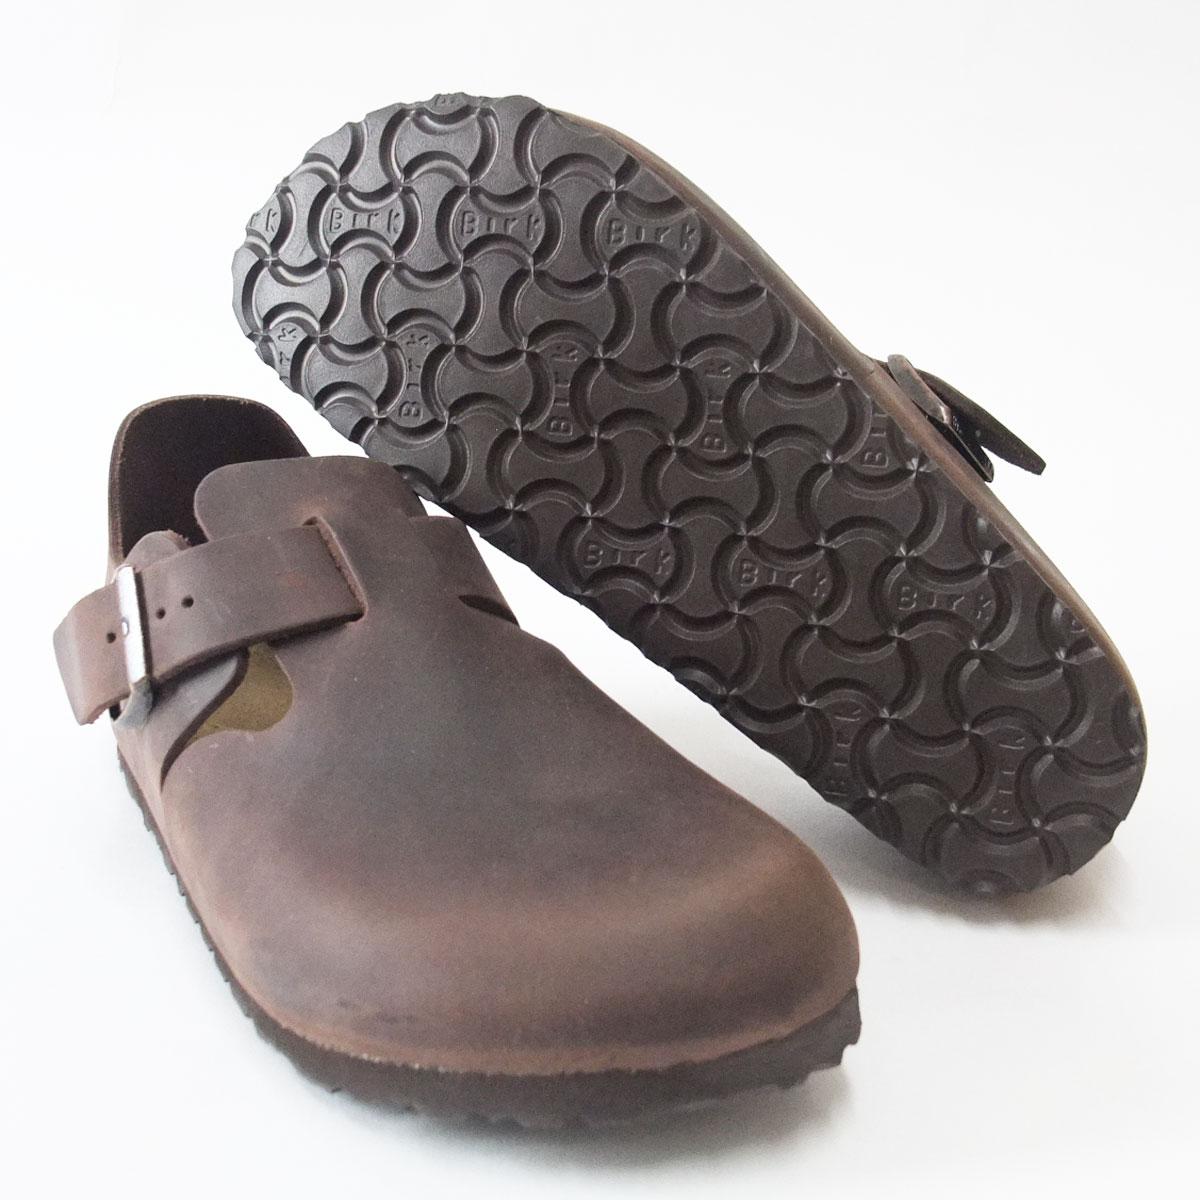 BIRKENSTOCK(ビルケンシュトック) LONDON(ロンドン)ユニセックス 166533(天然皮革/ハバナ)ドイツ生まれの快適シューズ「靴」